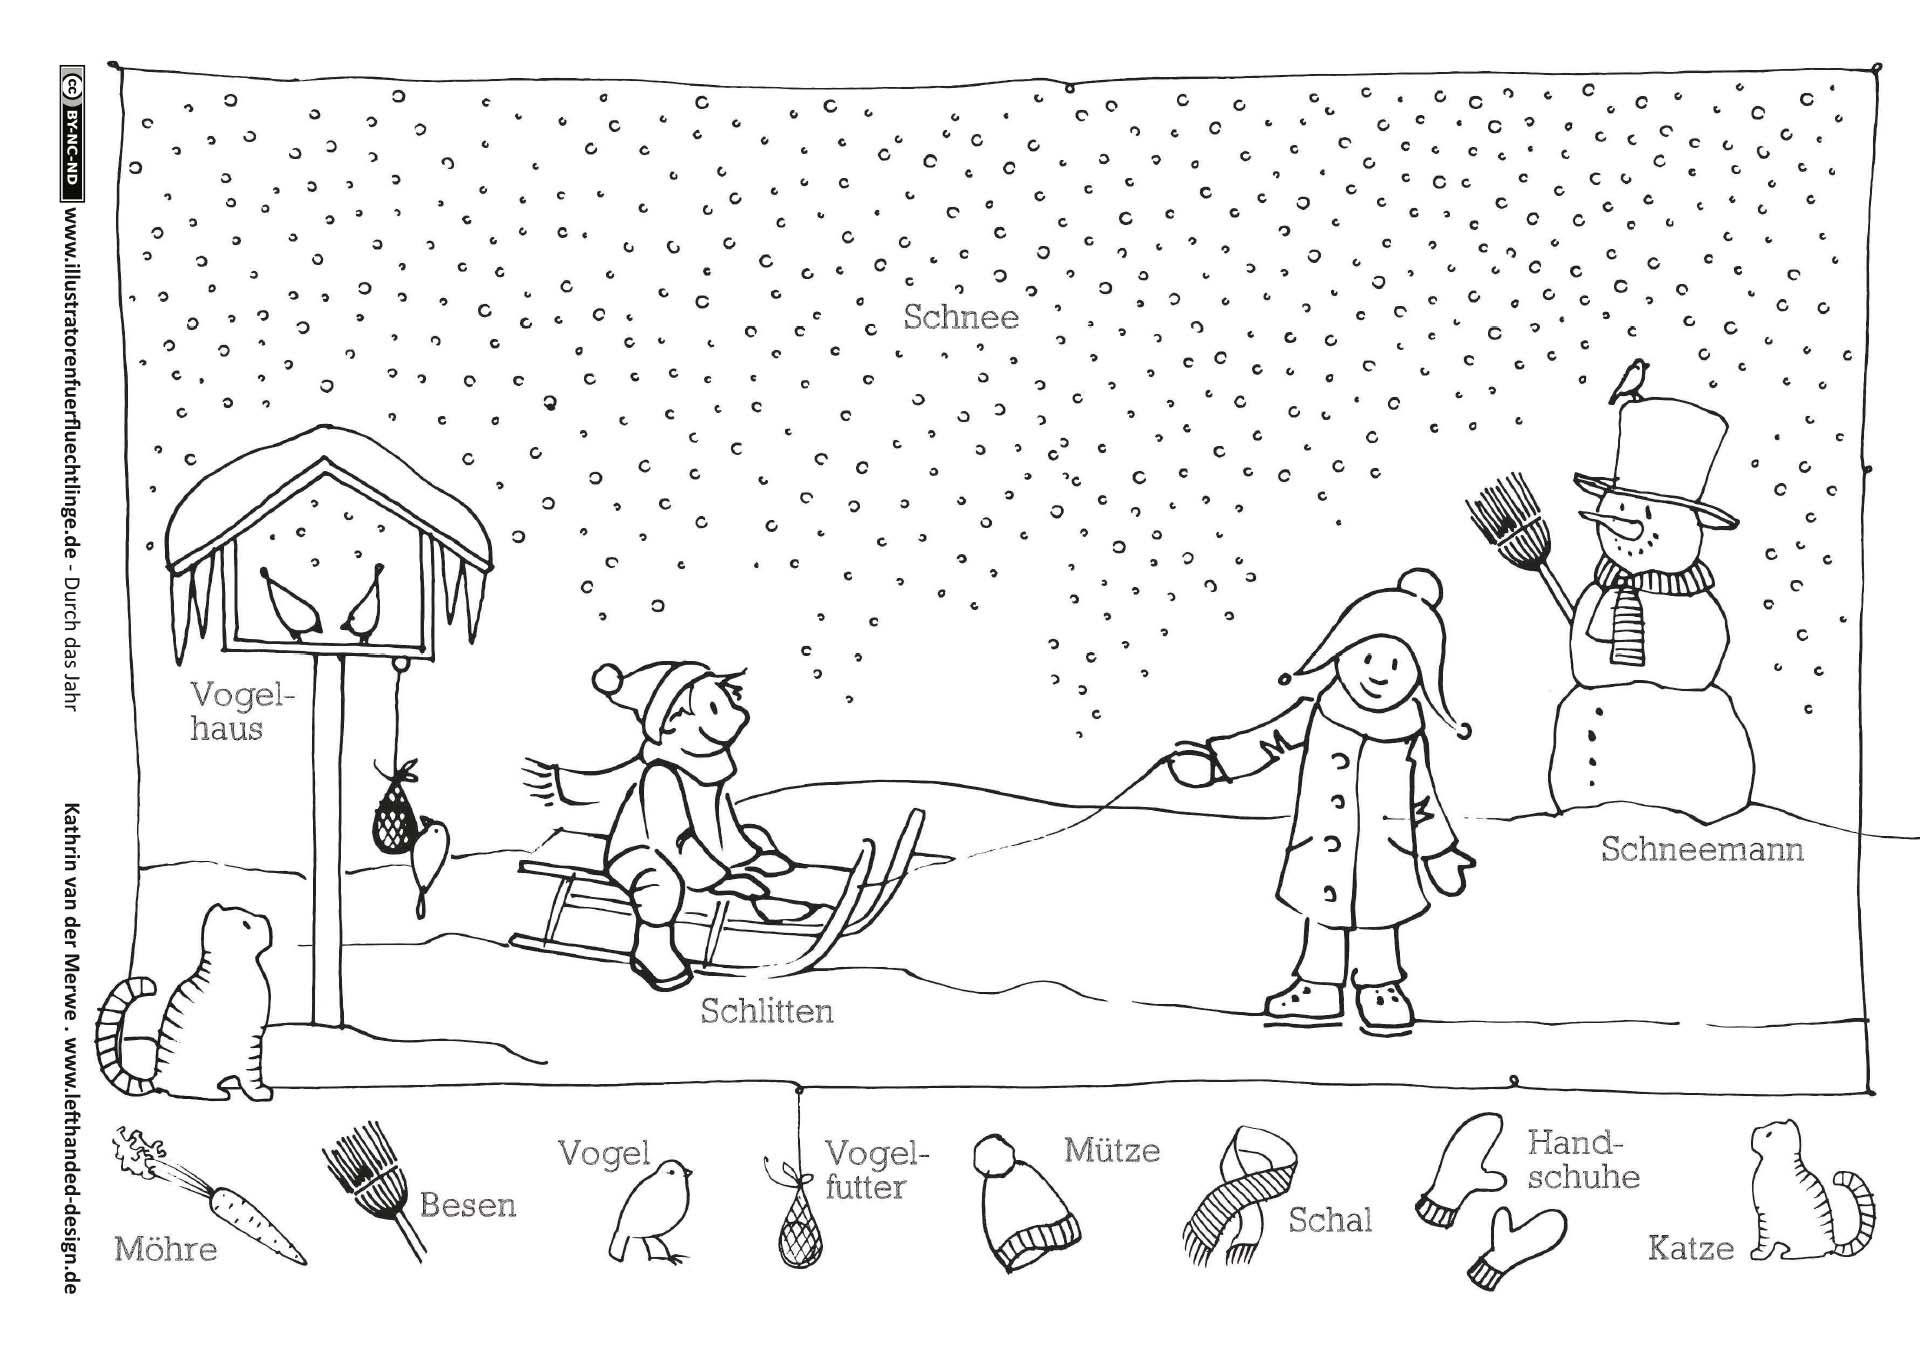 Download Als Durch Das Jahr Winter Schlitten Schneemann Van Der Merwe